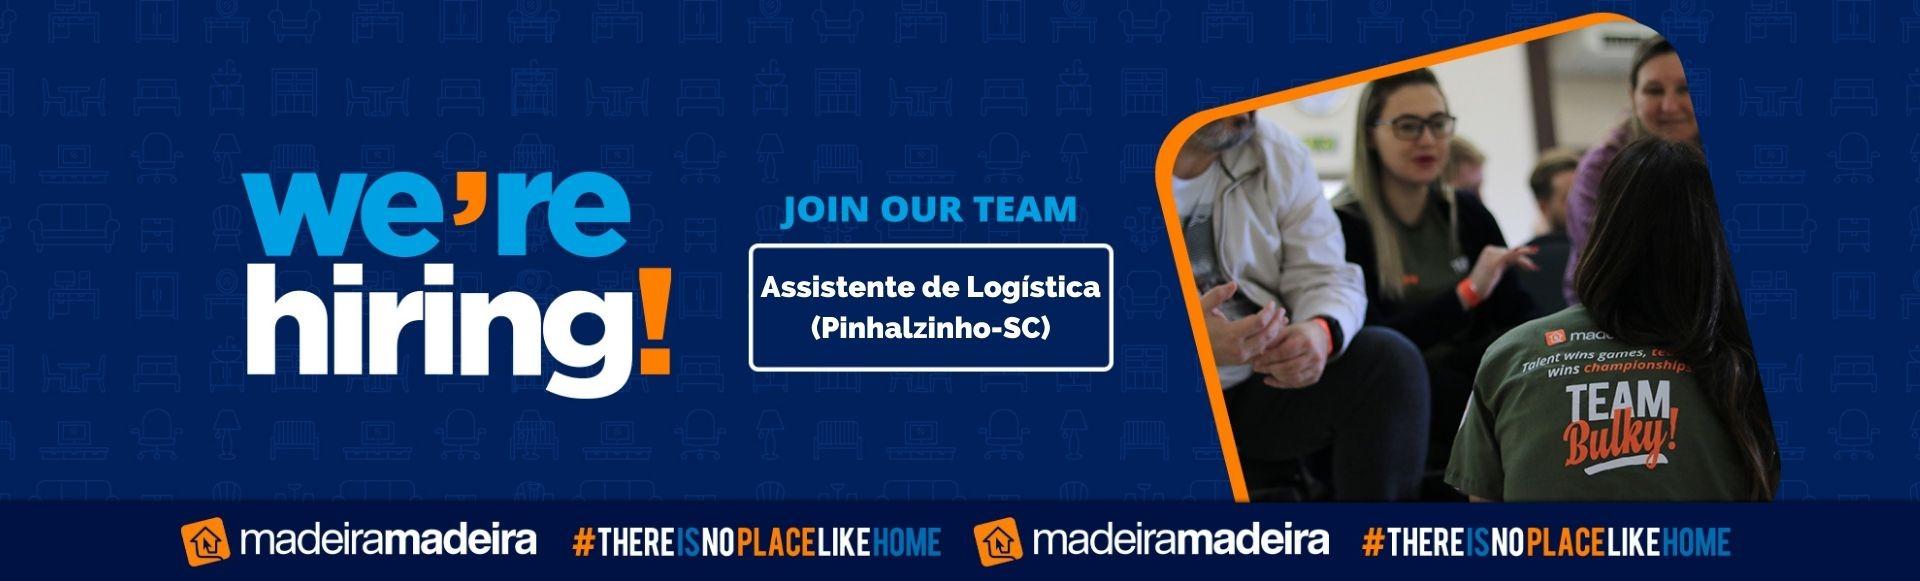 Banco de Talentos - Assistente de Logística (Pinhalzinho-SC)